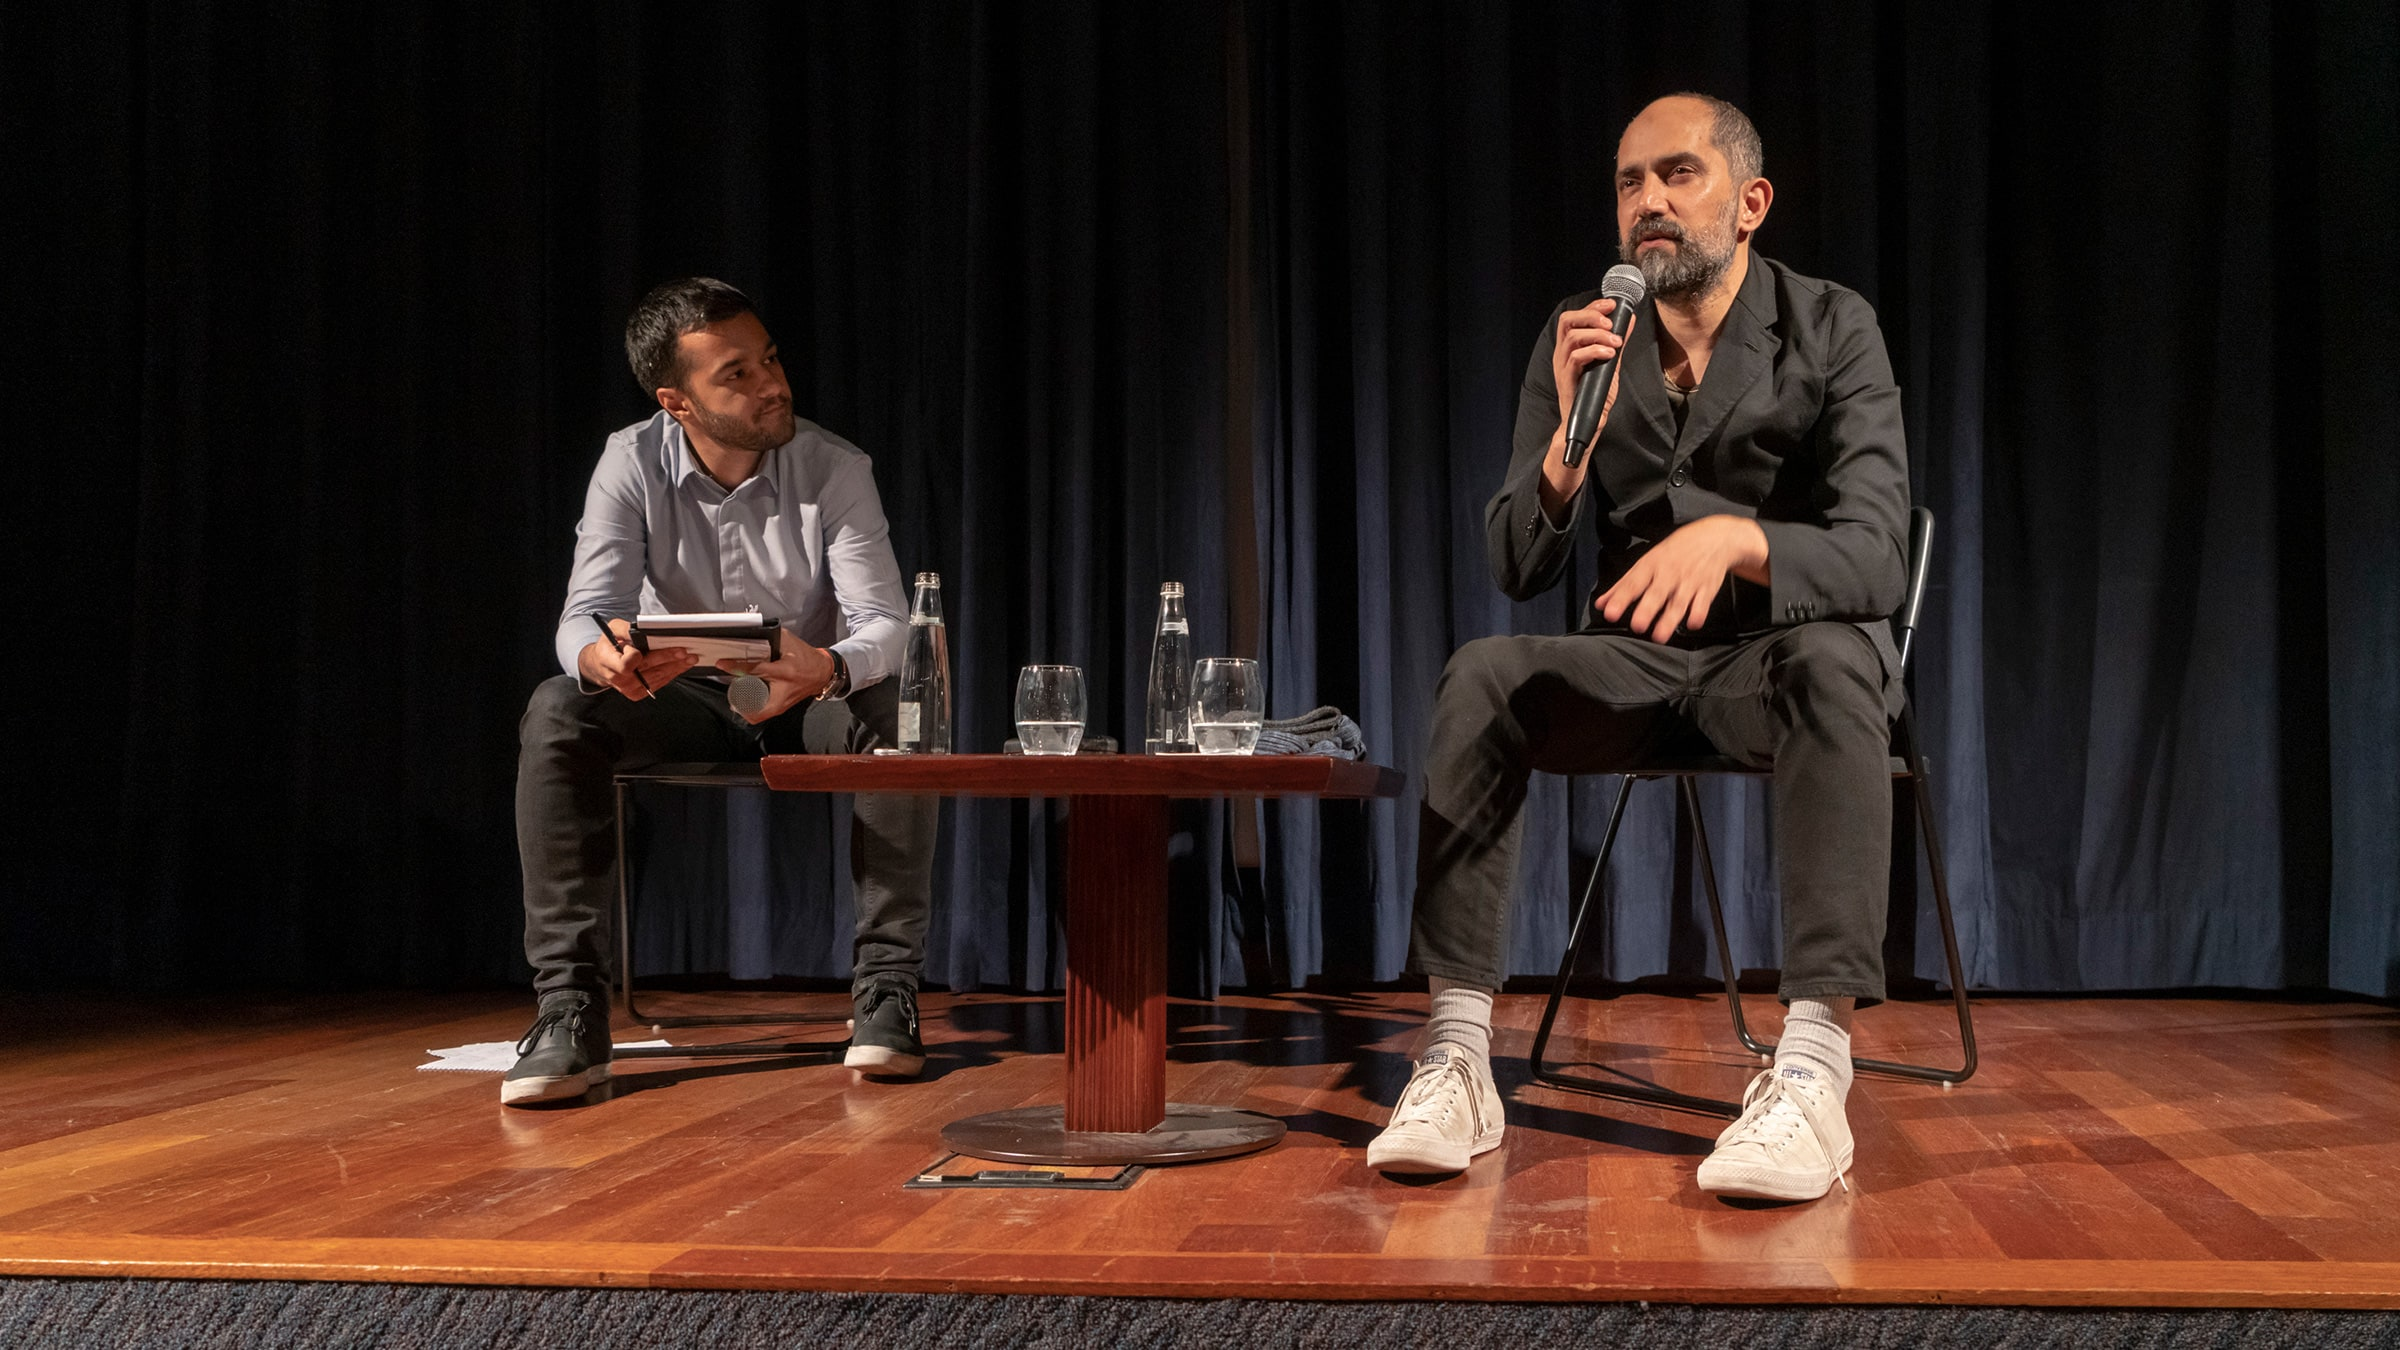 Yönetmen Shlomi Elkabetz ile Söyleşi